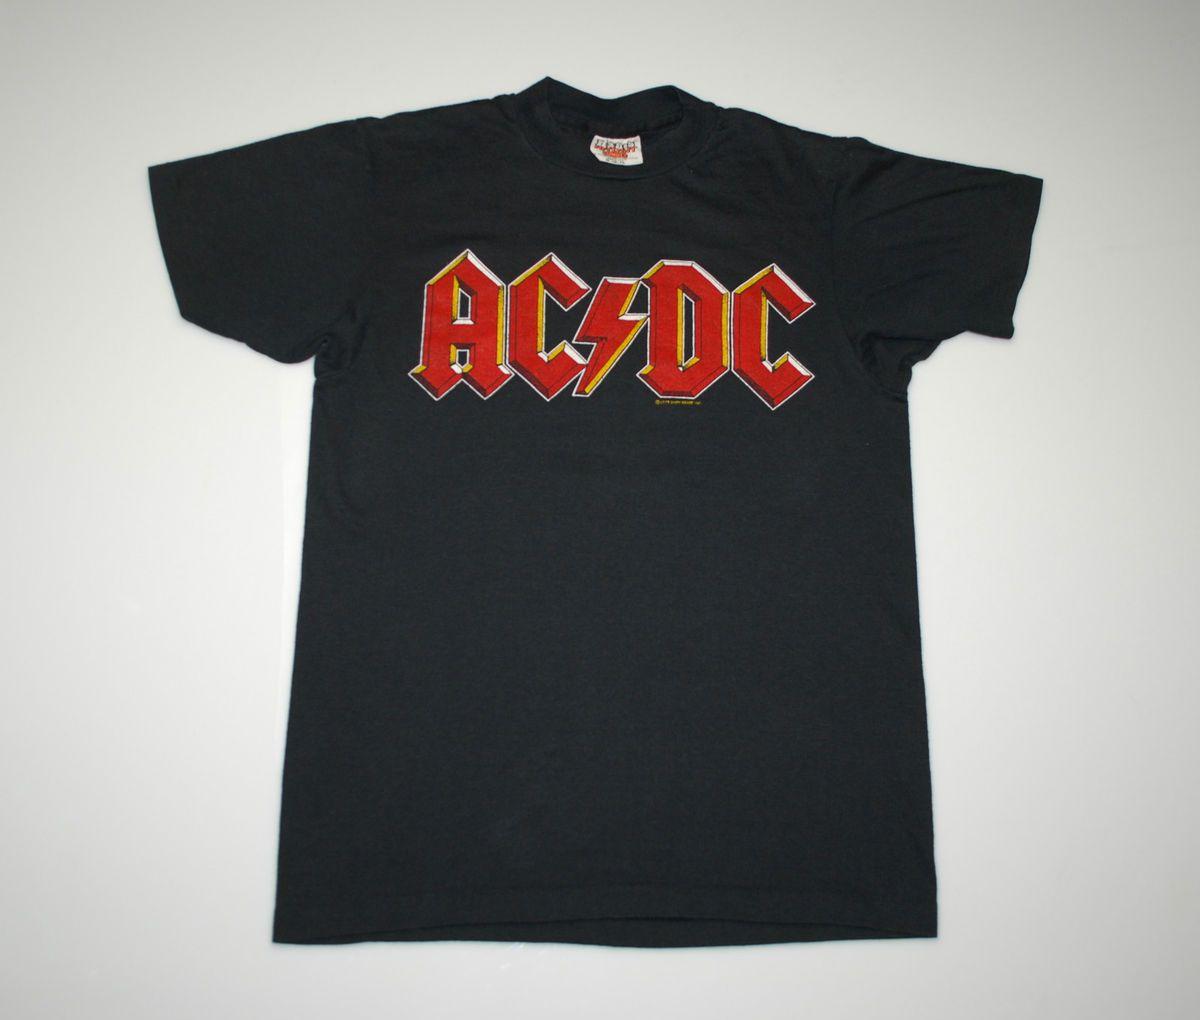 Vintage ACDC Back in Black Tour 1980 Shirt 1979 1970s M Original Vtg